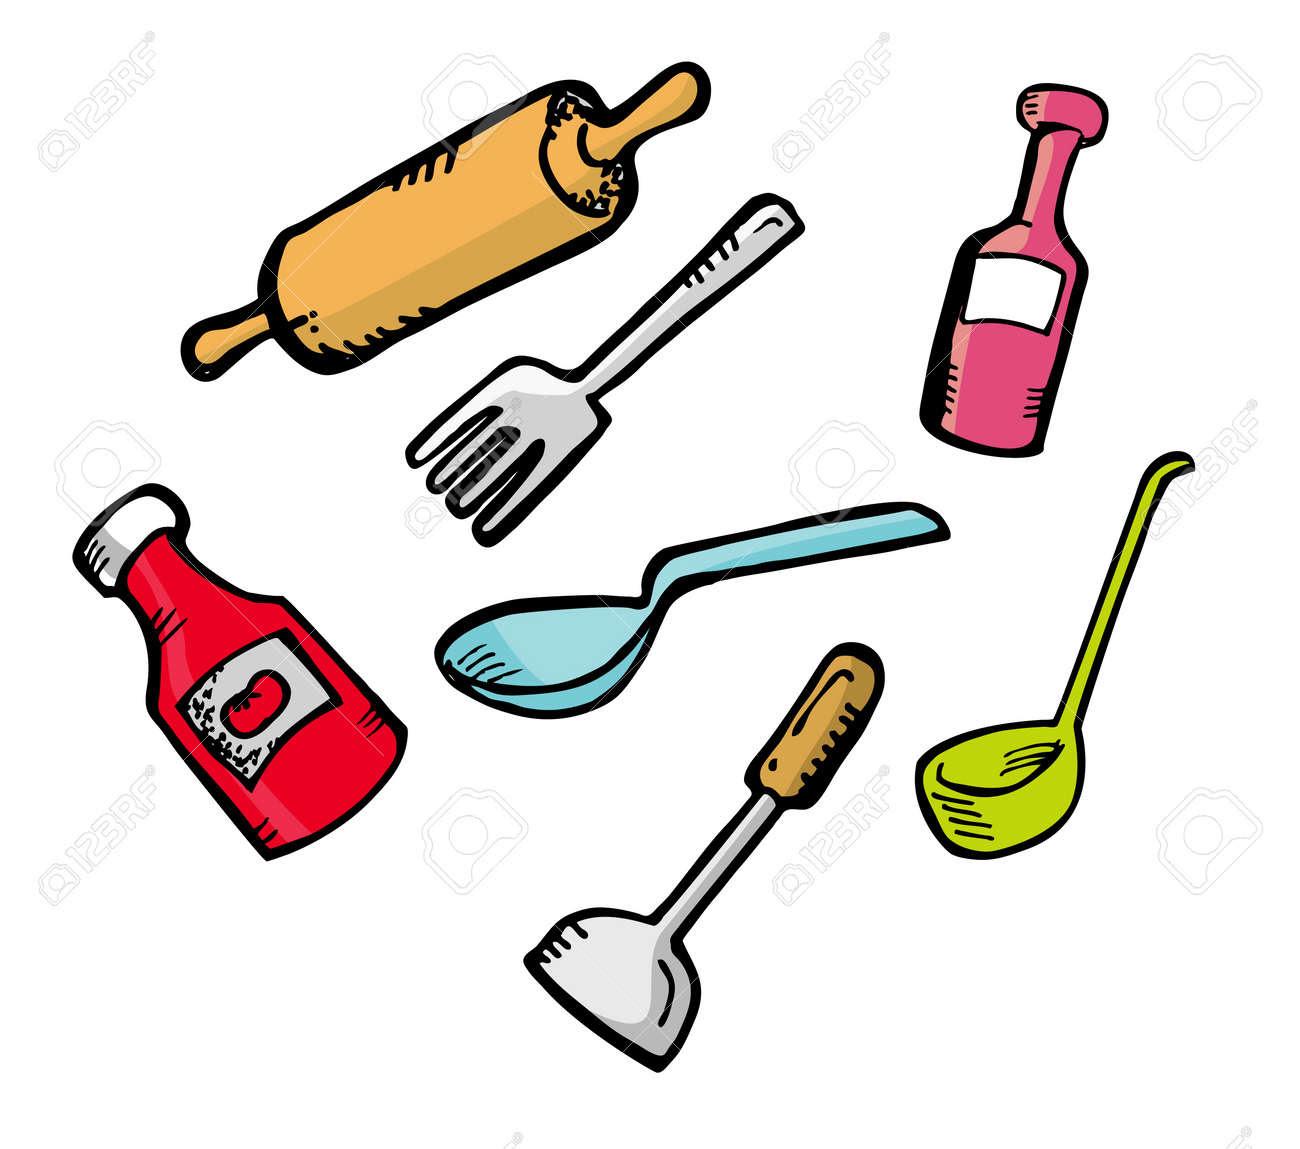 Dessin ustensile de cuisine id es inspir es pour la - Ustensile de cuisine commencant par p ...